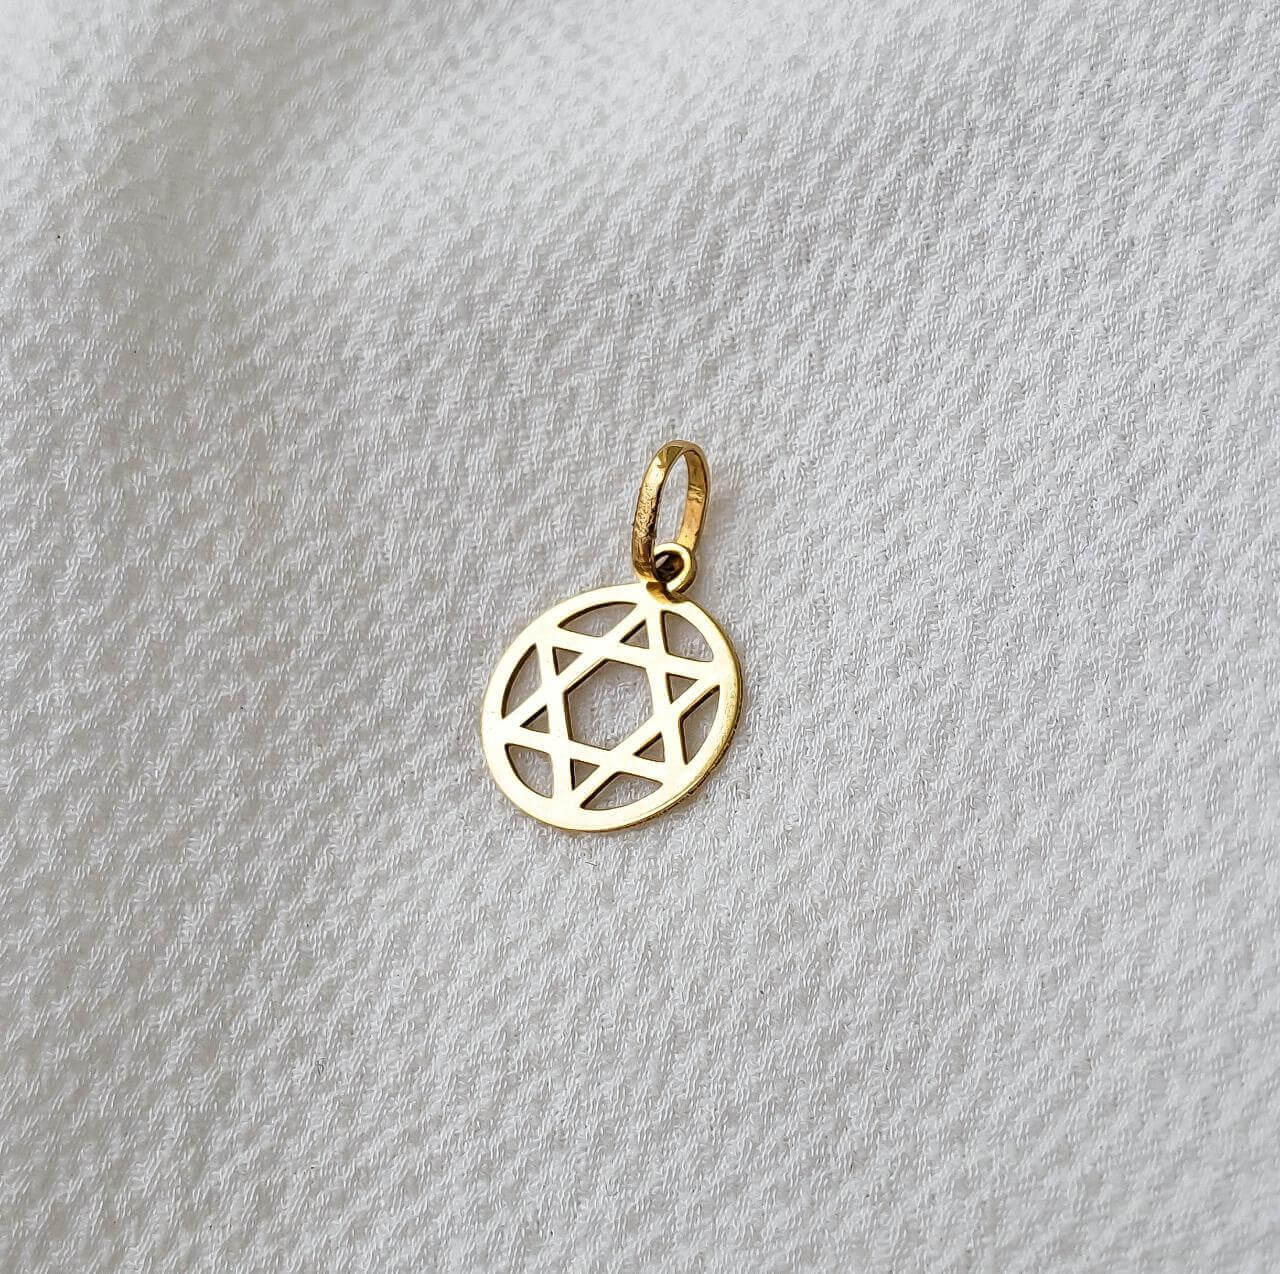 Pingente Estrela de Davi em Ouro 18K com Círculo